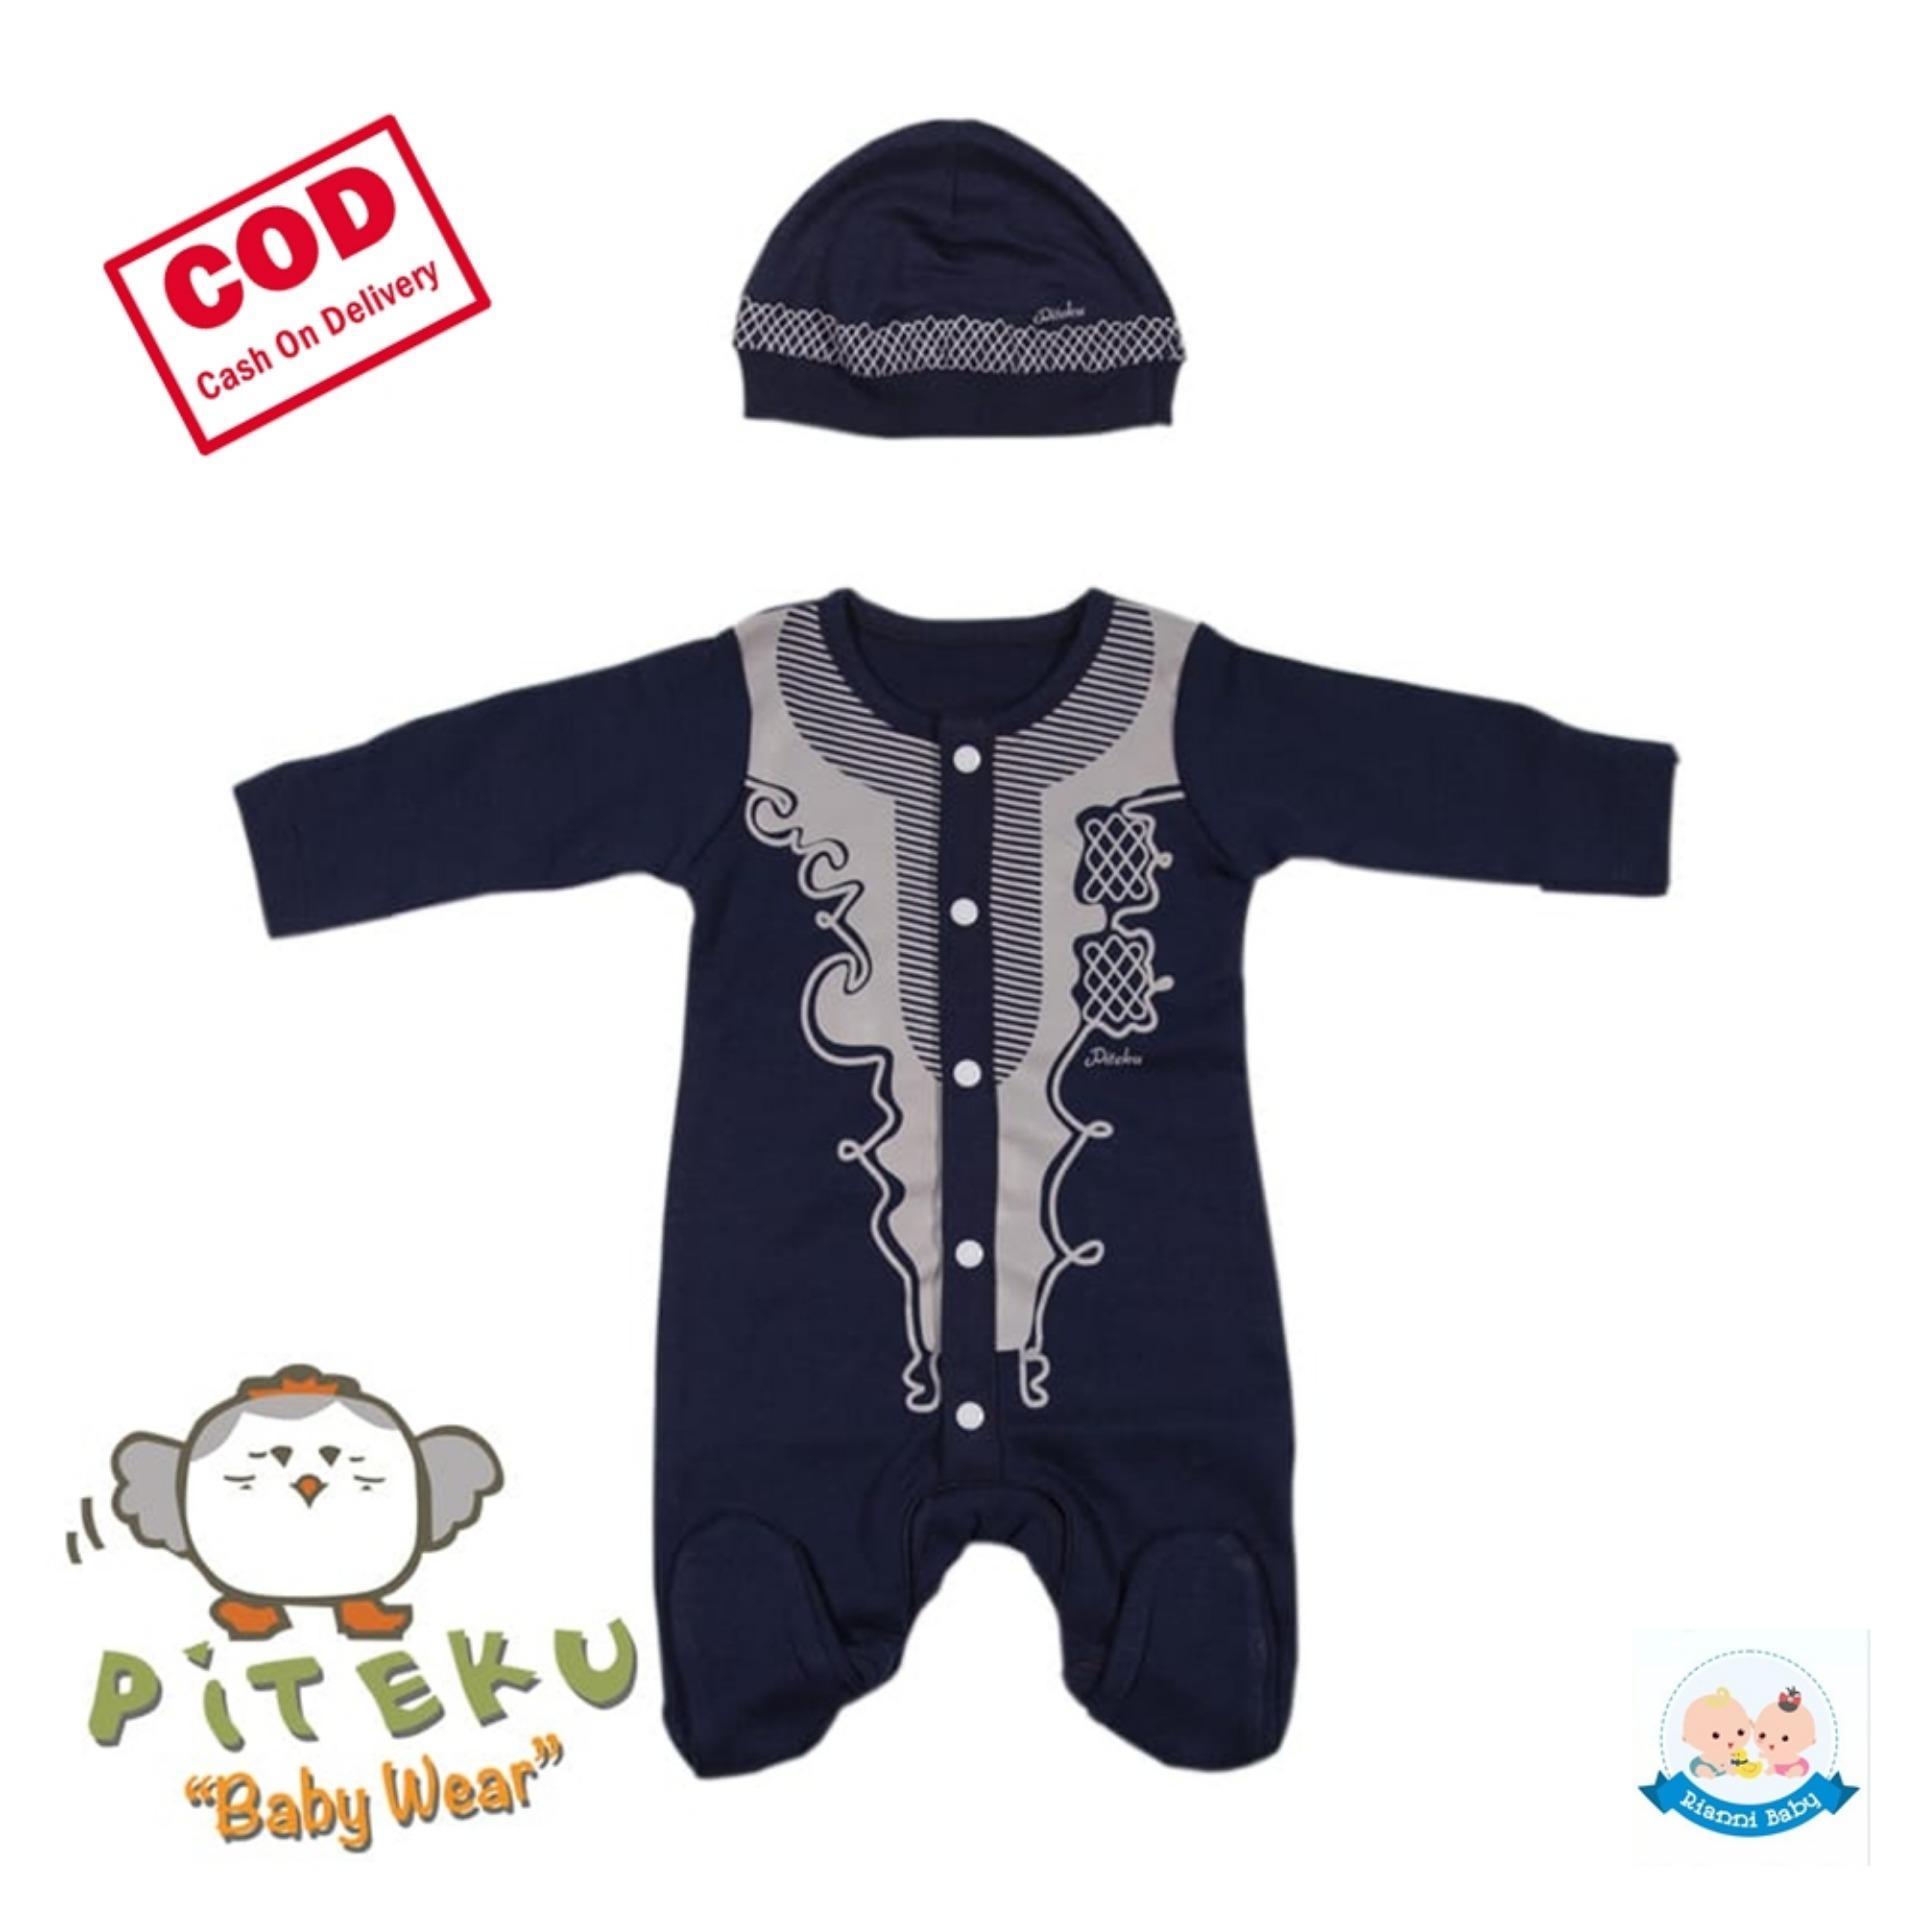 Rianni Baju Aqiqah Bayi Biru Dongker / Jumper Koko Bayi Laki-Laki New Born (